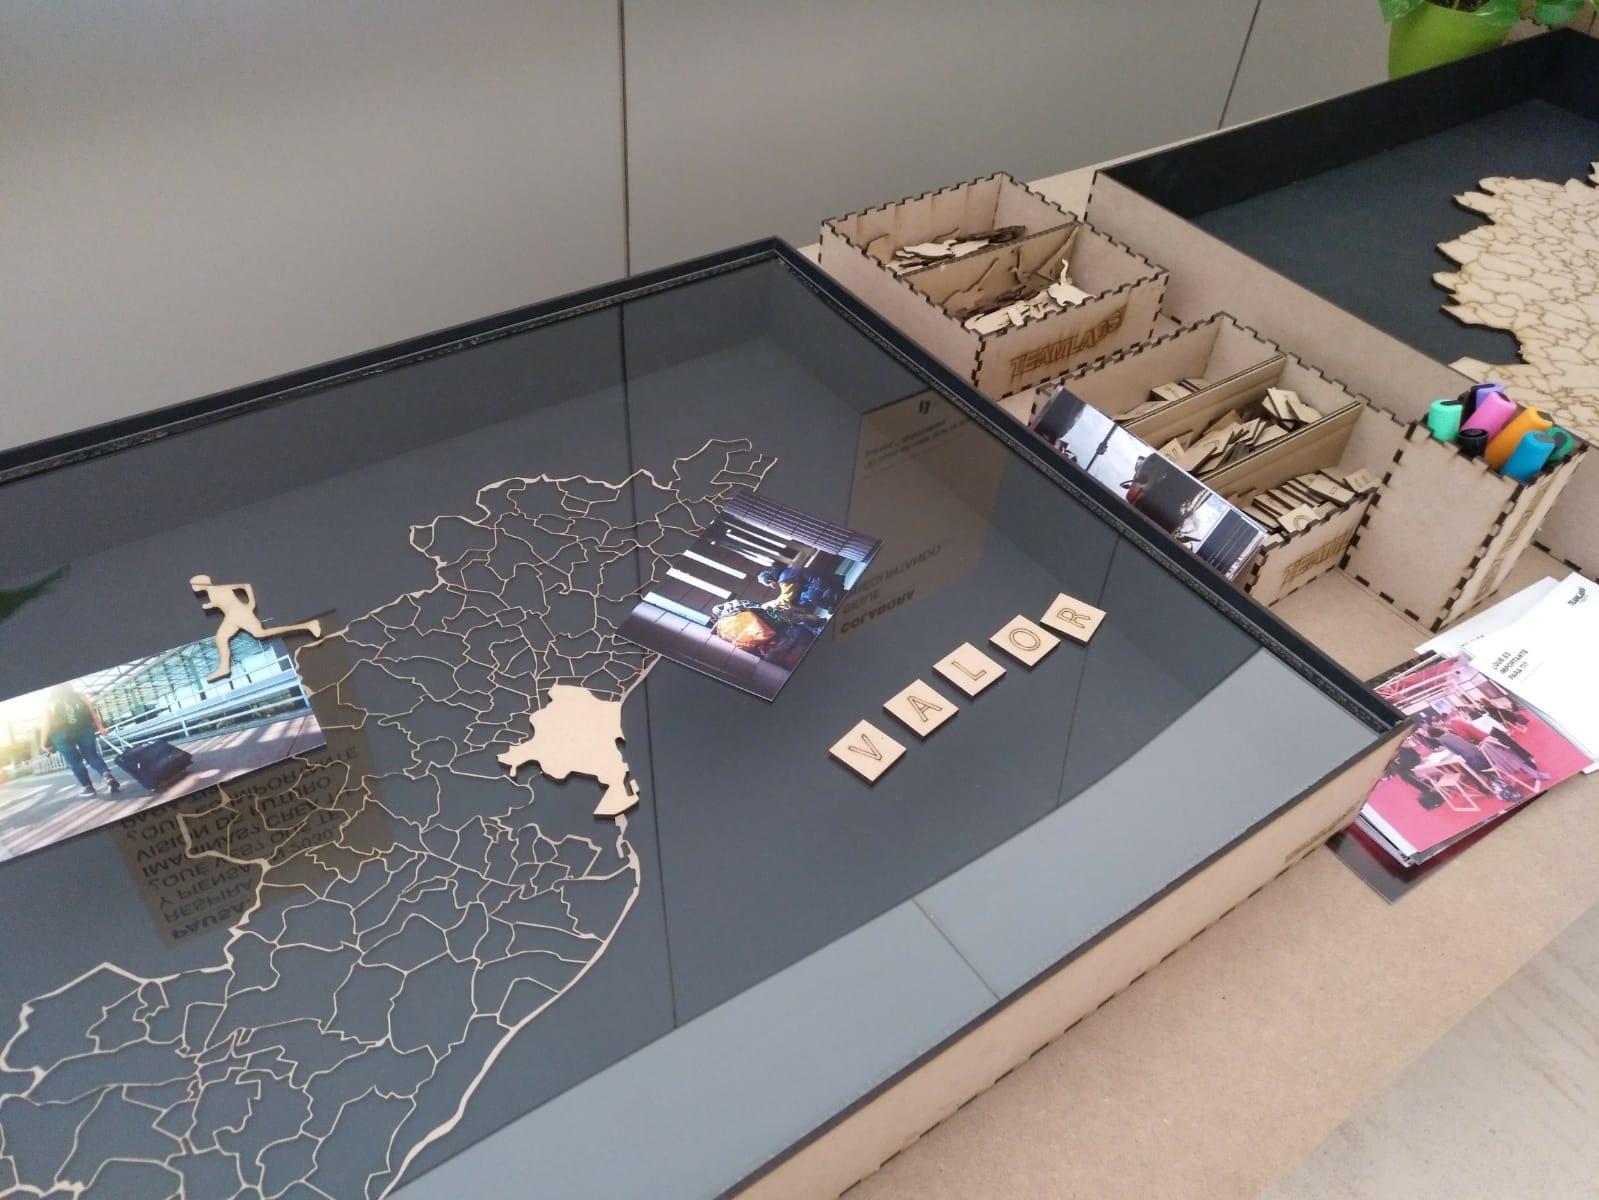 Més exemples de prototips nascuts de la col·laboració PEMB-Teamlabs